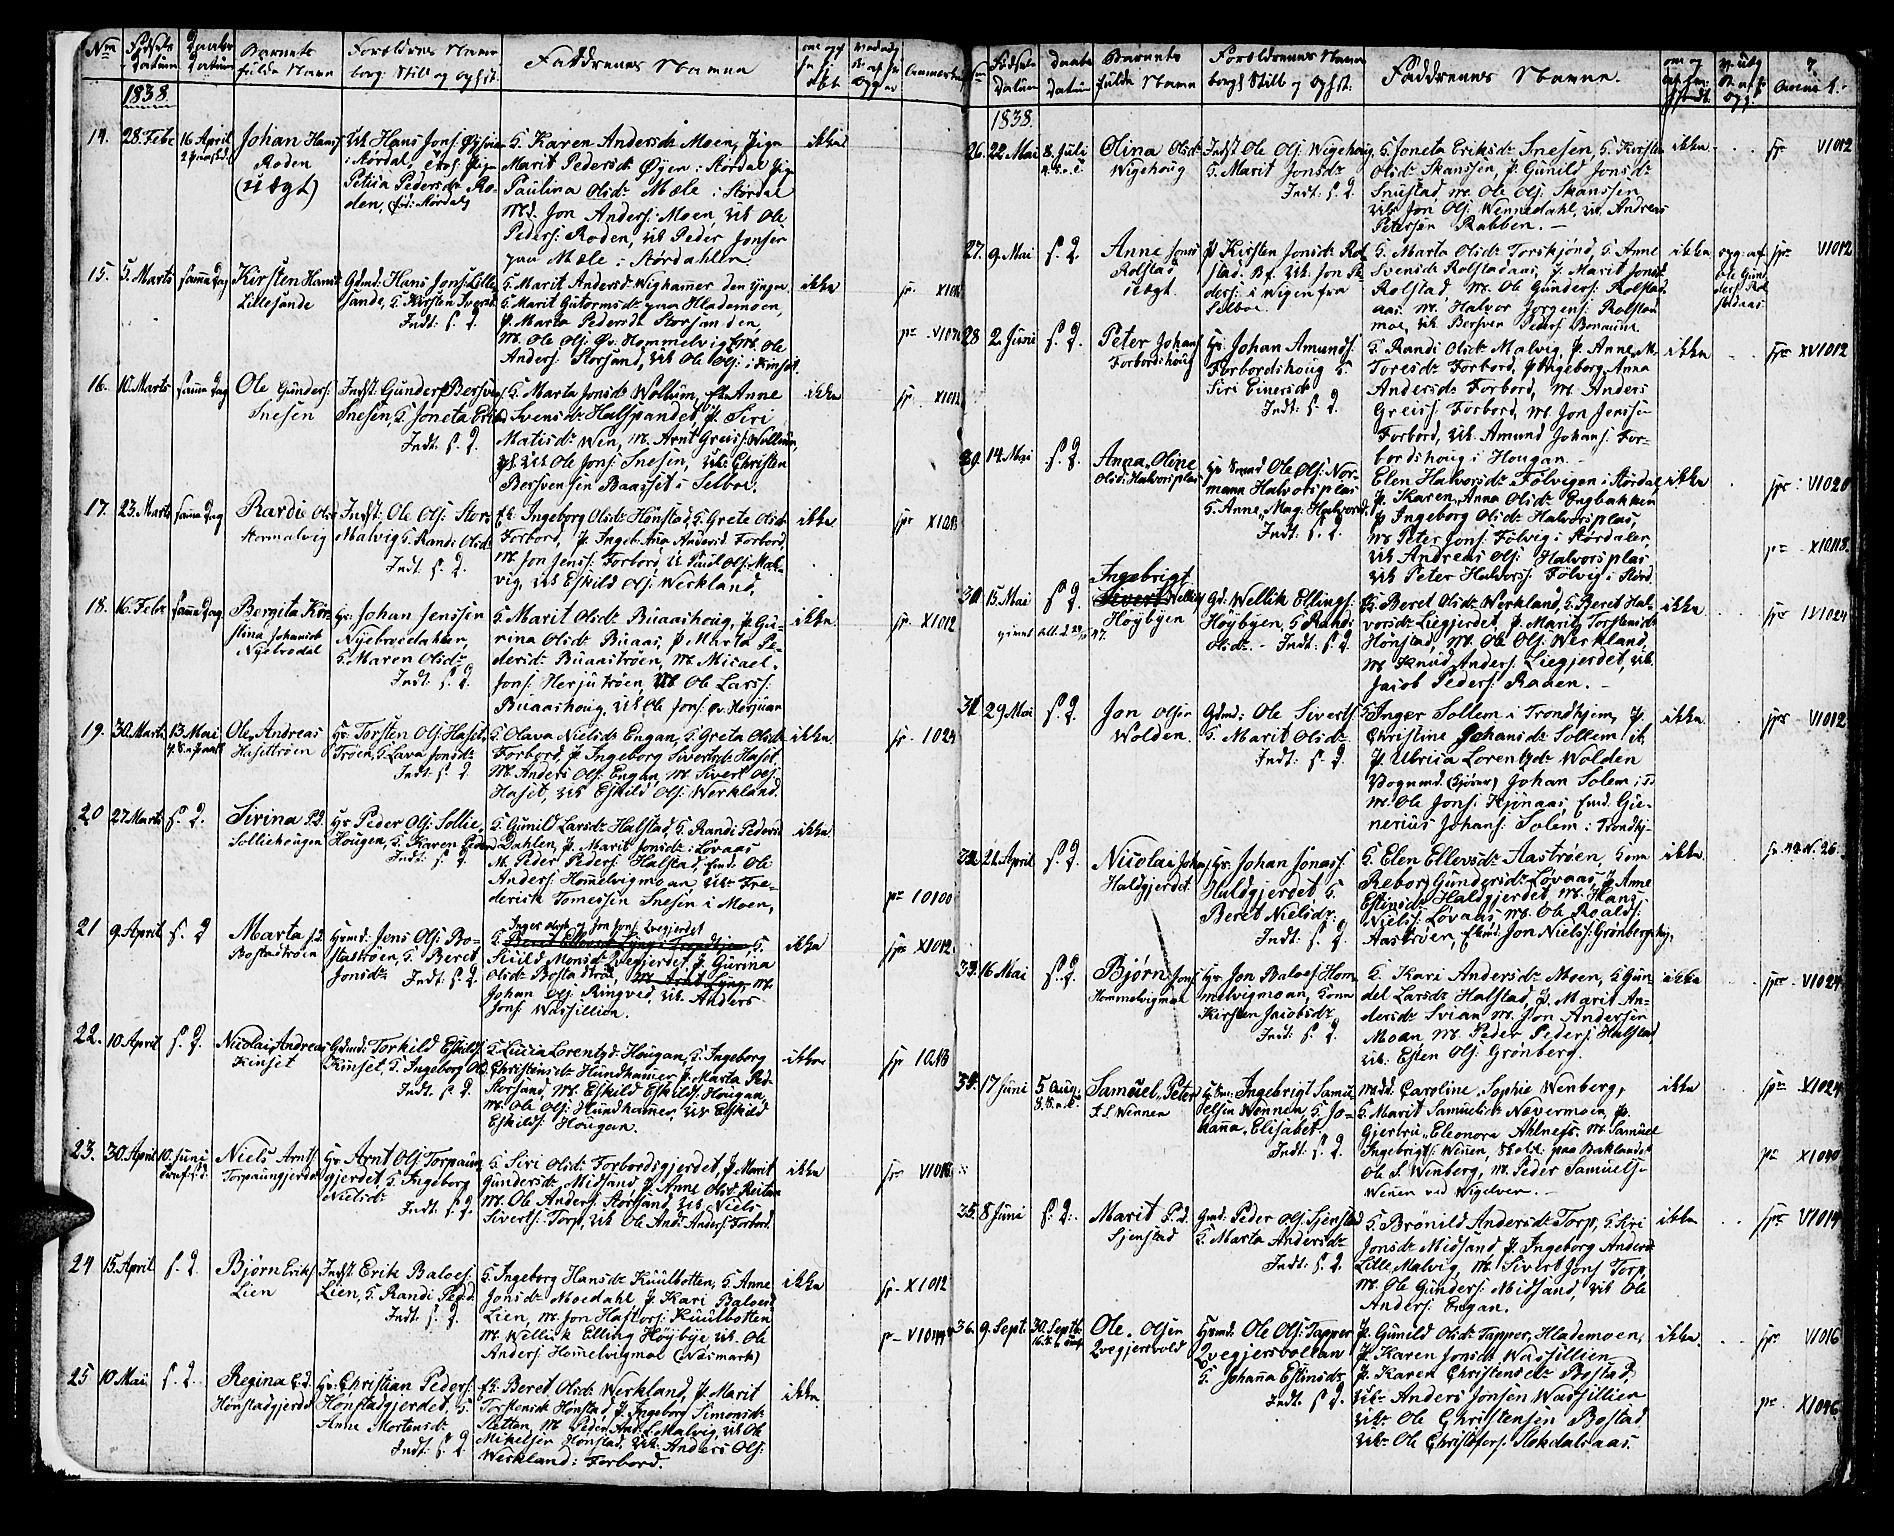 SAT, Ministerialprotokoller, klokkerbøker og fødselsregistre - Sør-Trøndelag, 616/L0421: Klokkerbok nr. 616C04, 1834-1850, s. 7